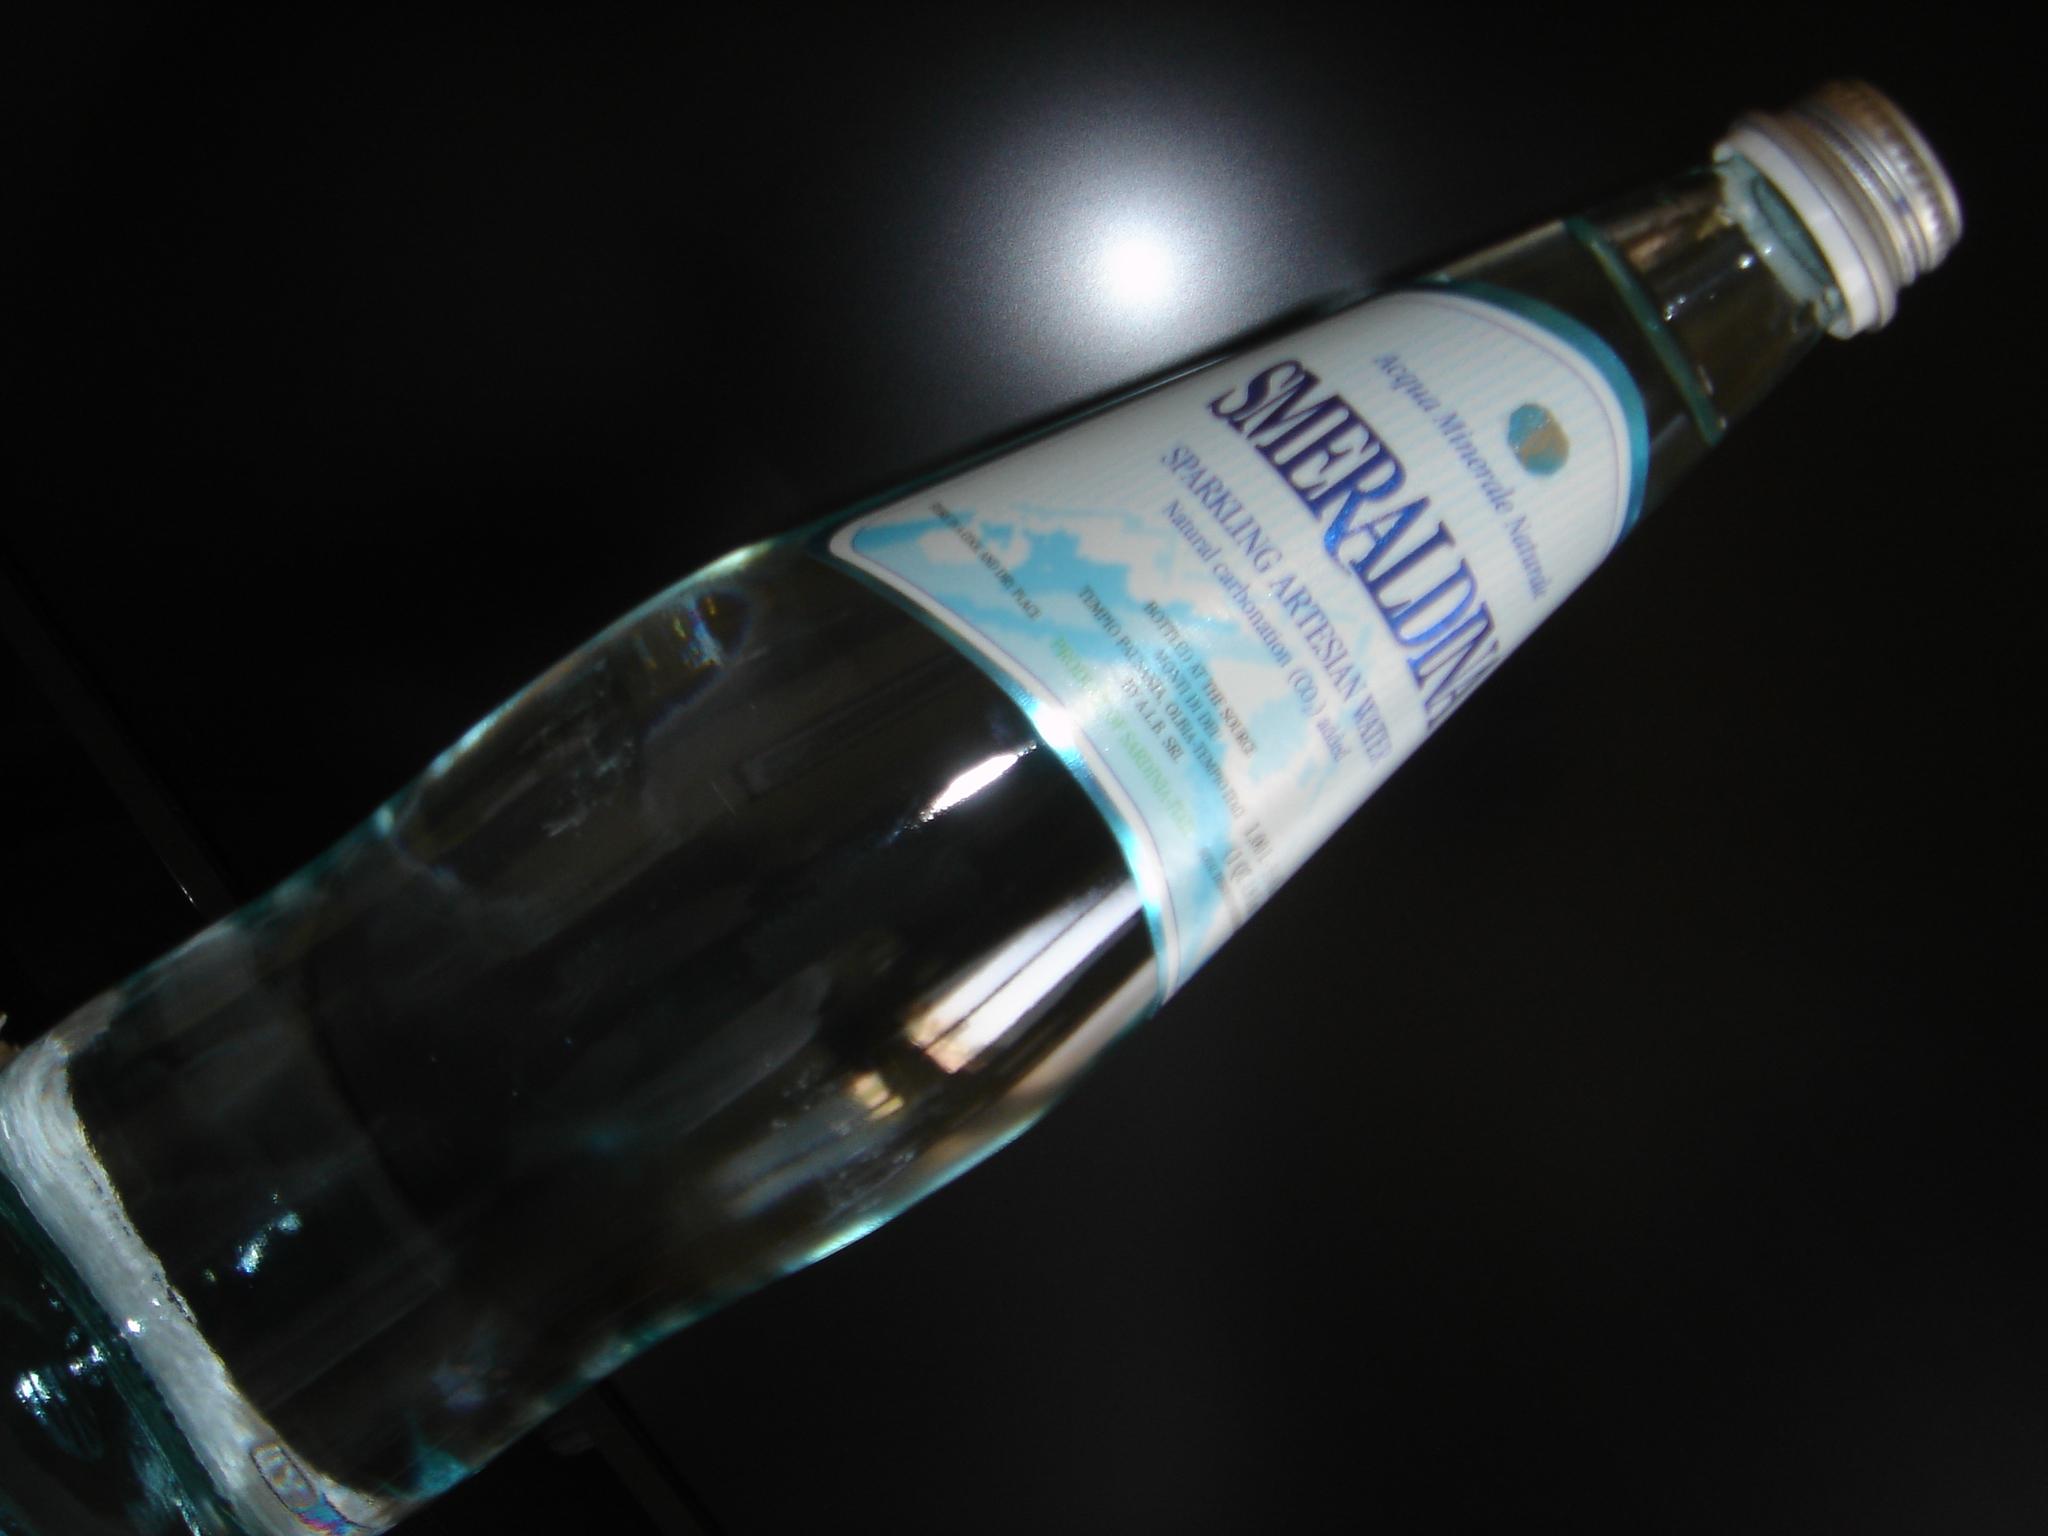 Smeraldina Natural Artesian Water